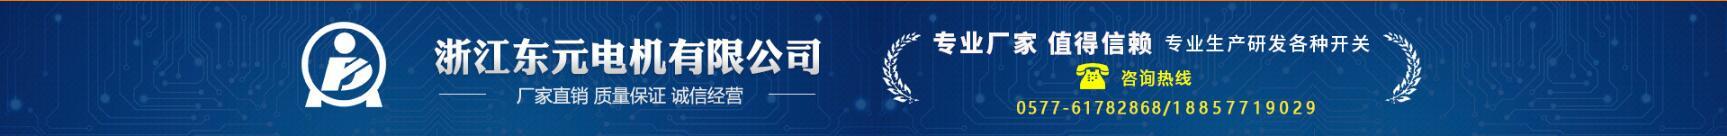 浙江東元電機有限公司